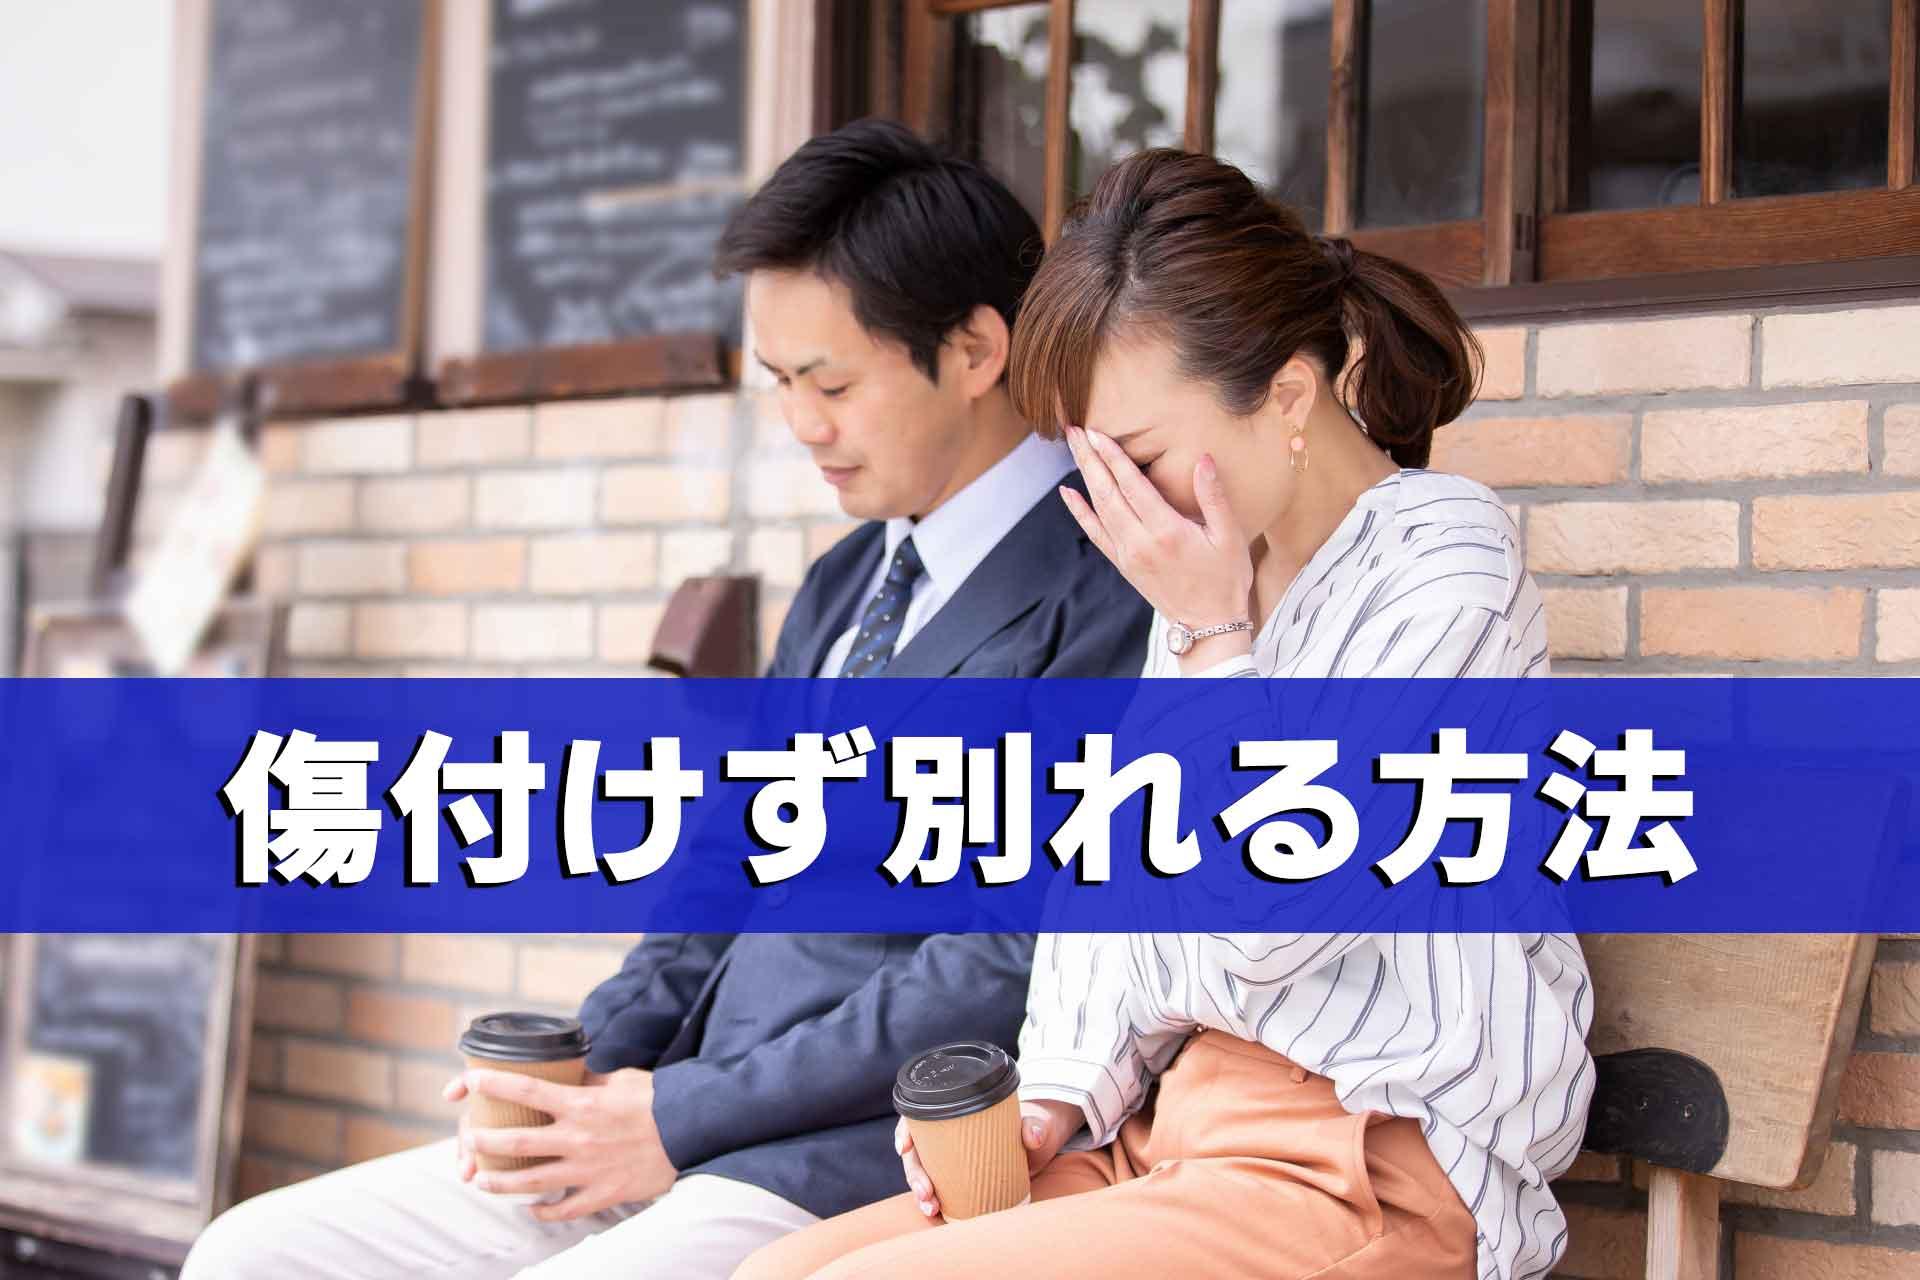 「傷つけず別れる方法」のテキストと、ベンチに座り泣いている女性を見守る男性